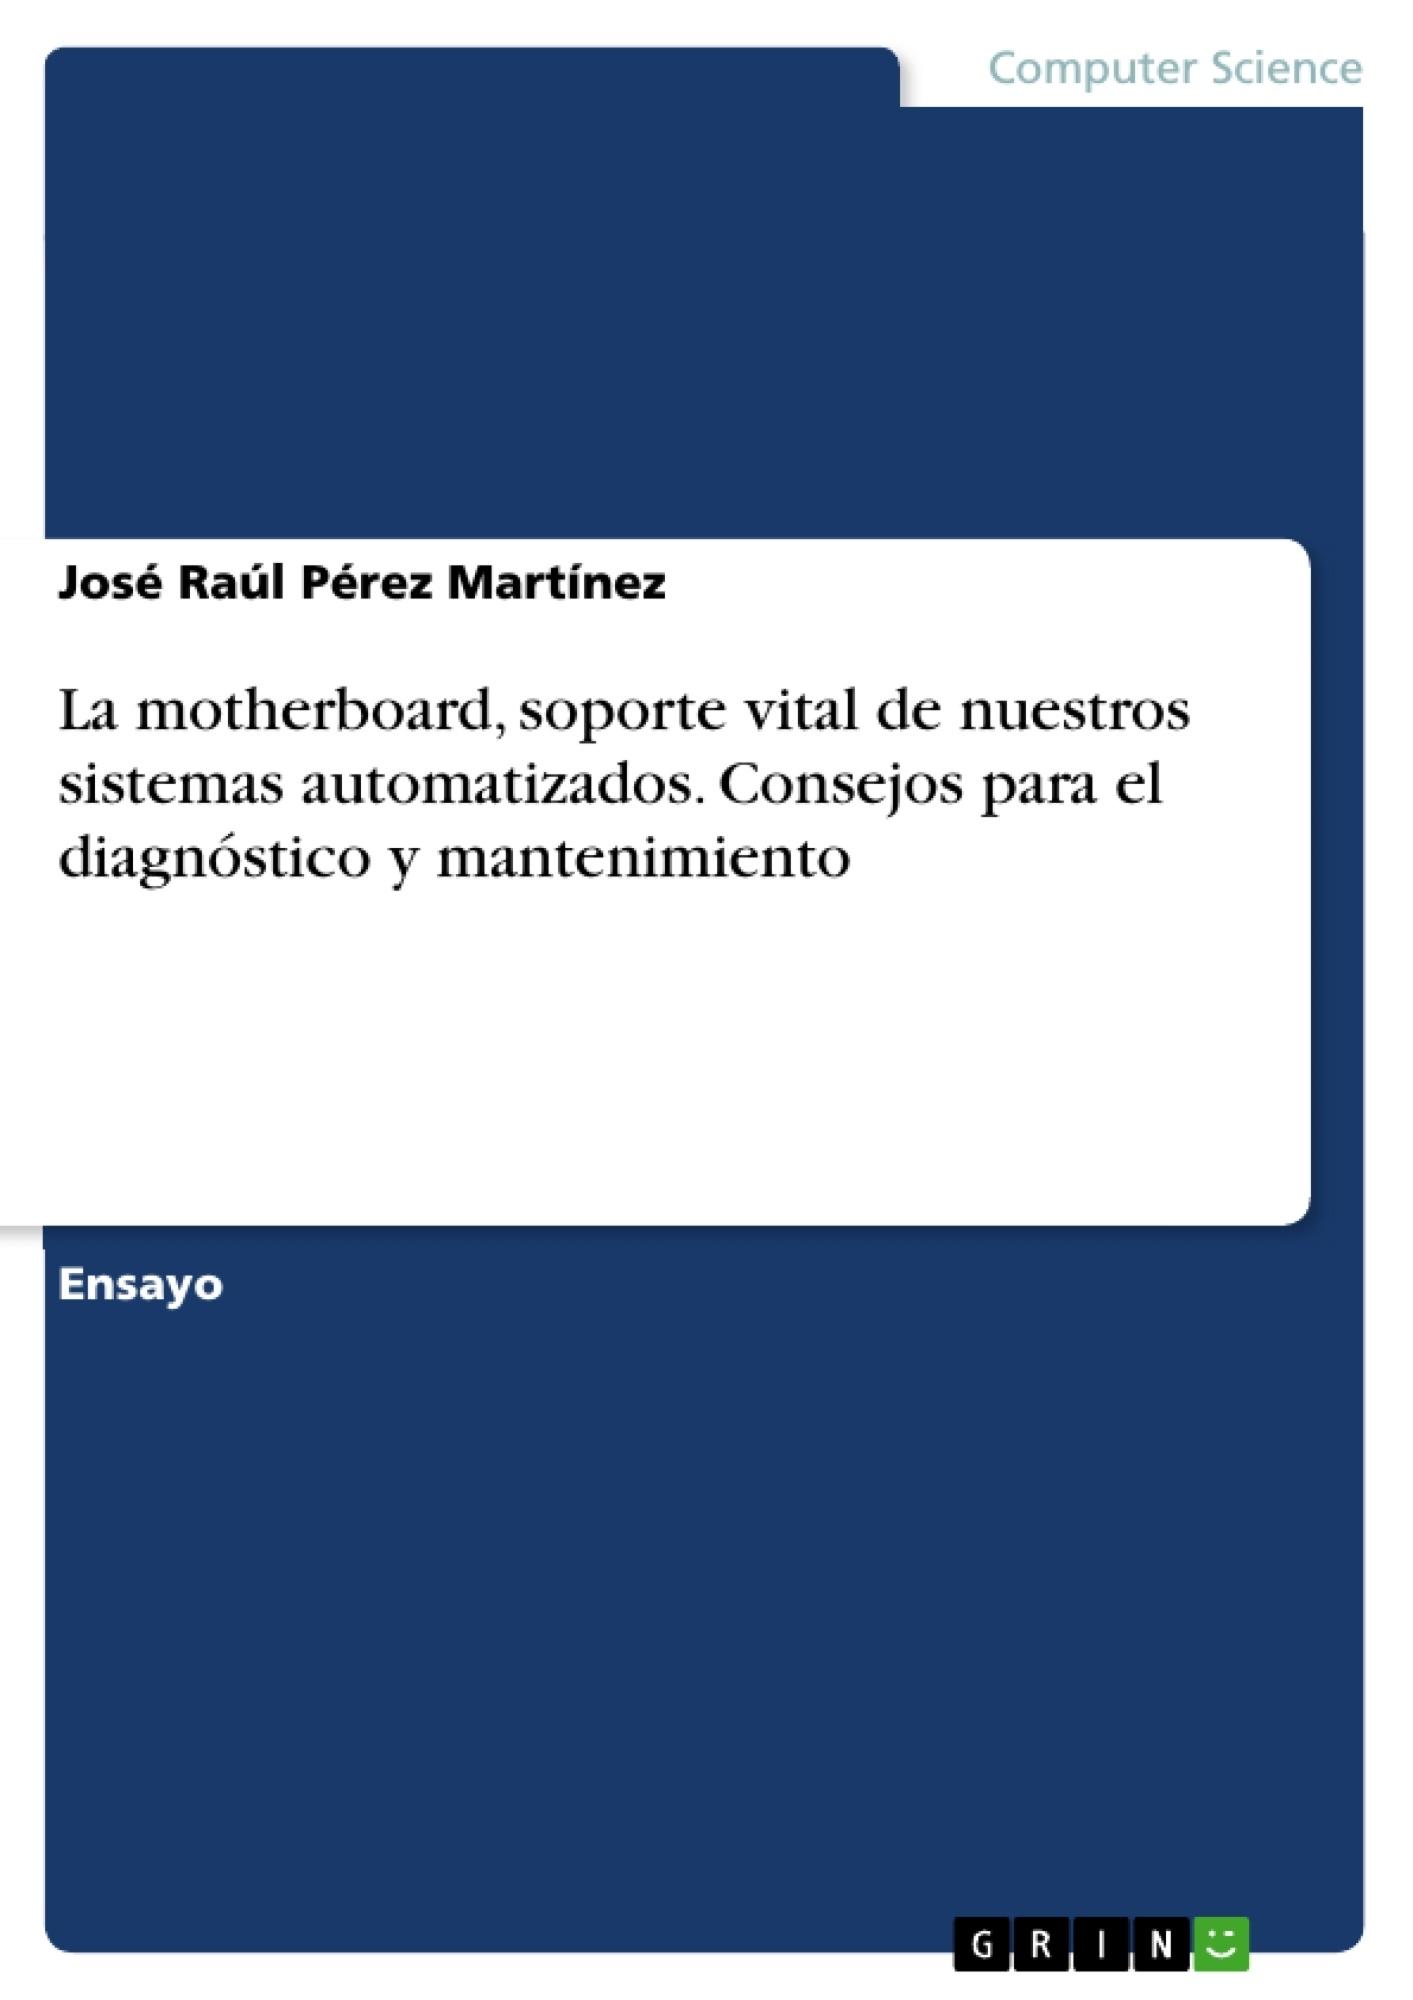 Título: La motherboard, soporte vital de nuestros sistemas automatizados. Consejos para el diagnóstico y mantenimiento